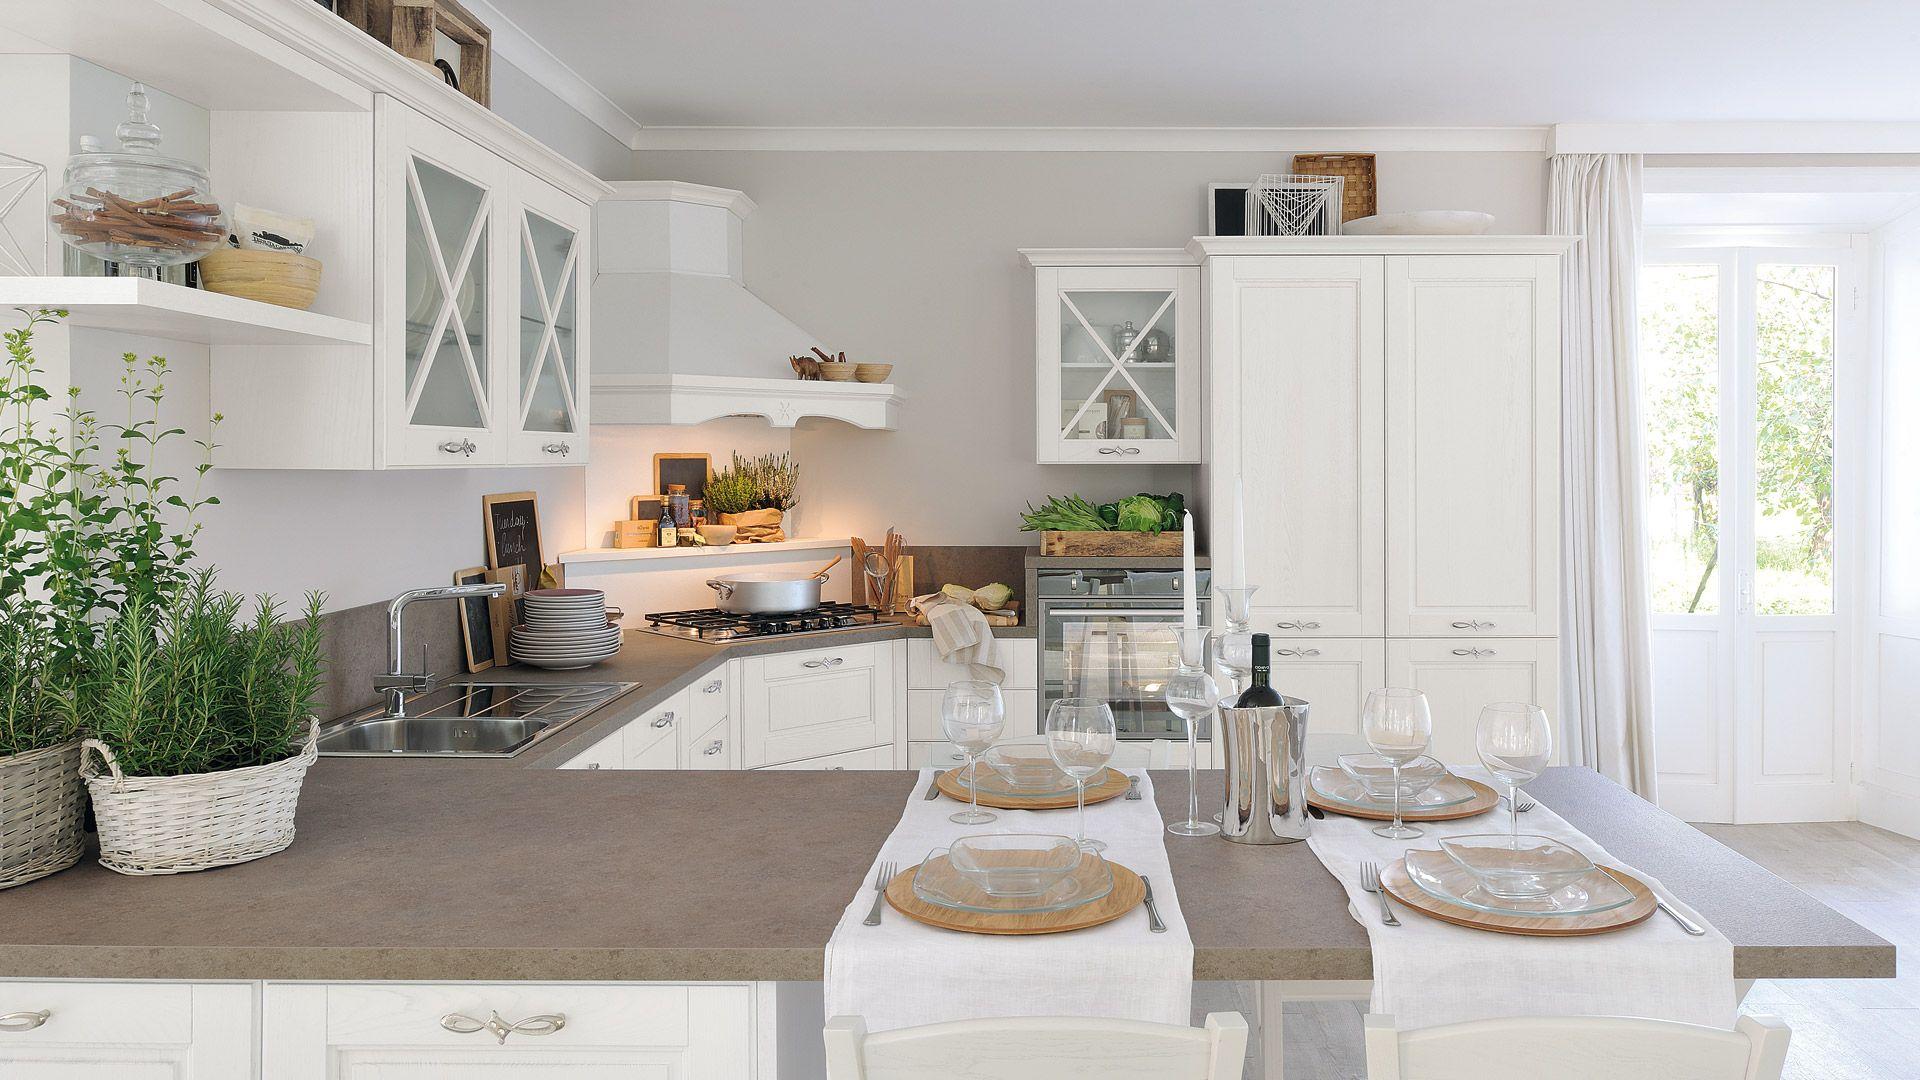 Agnese - Cucine Classiche - Cucine Lube | casa nuova